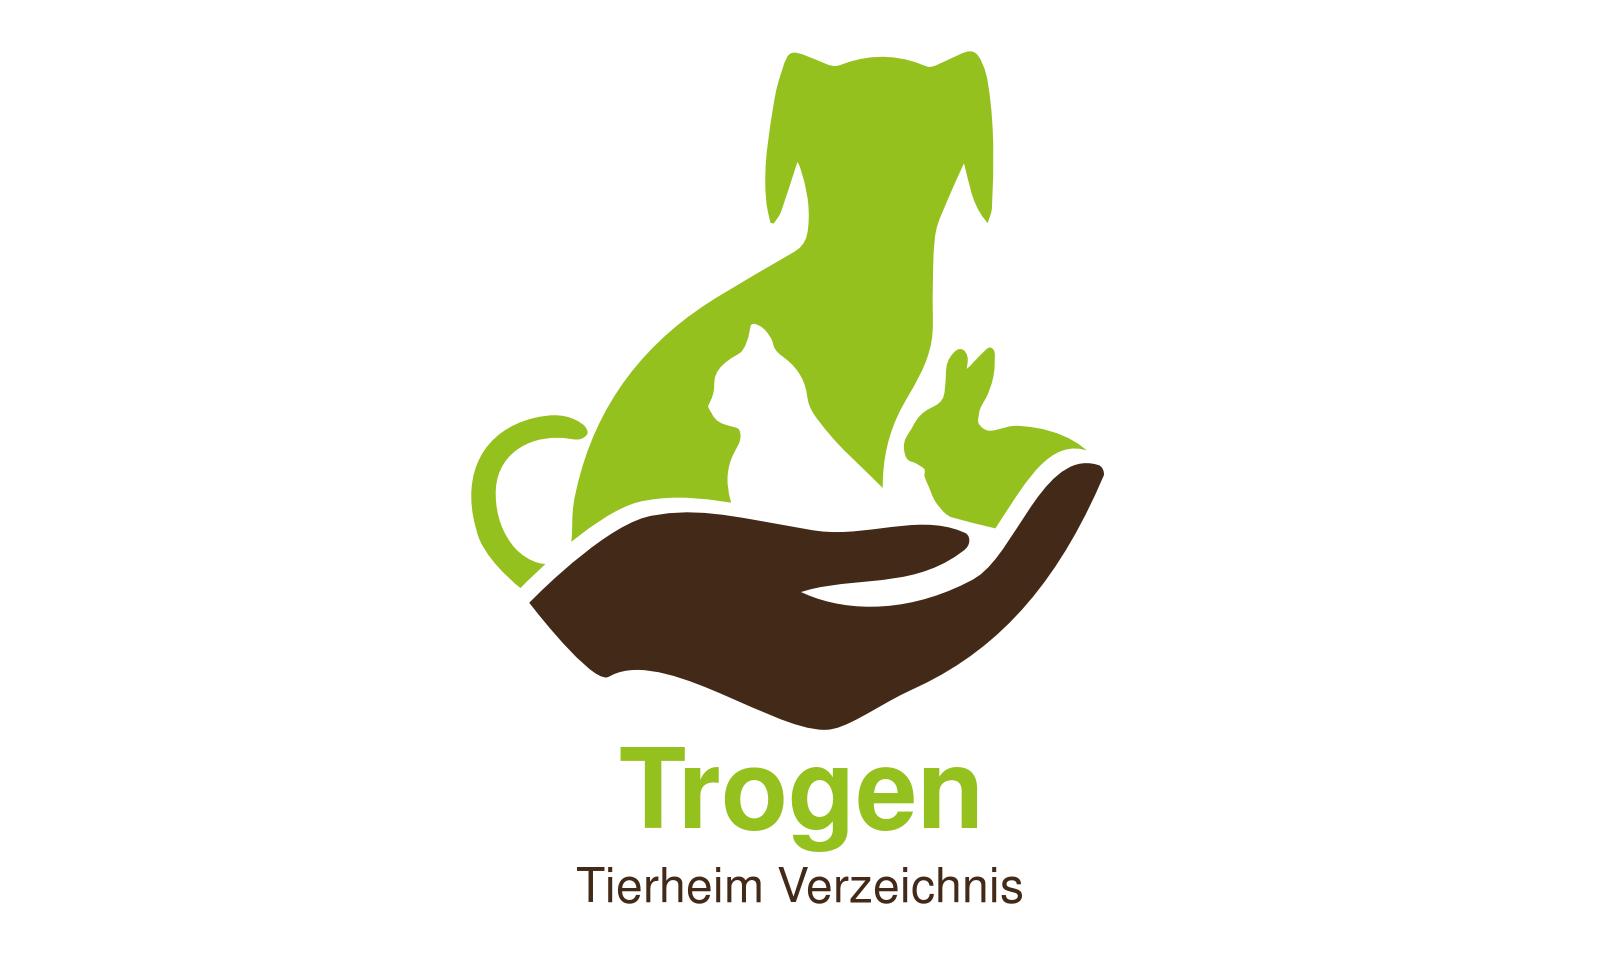 Tierheim Trogen